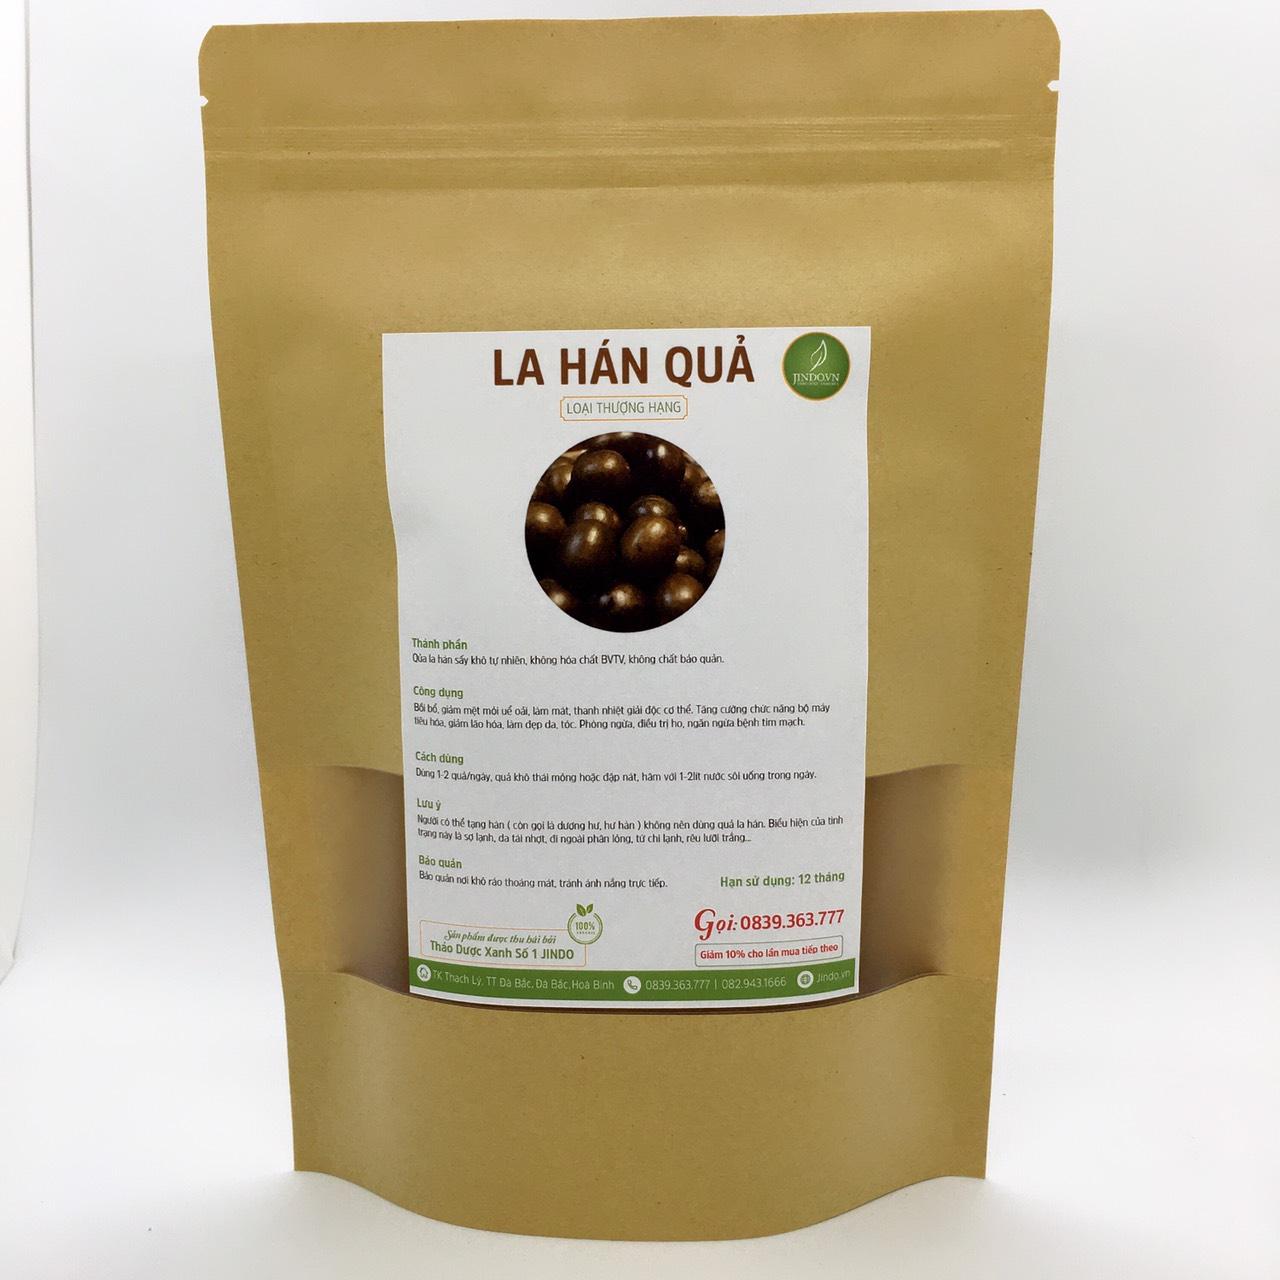 La Hán Quả sấy khô 100gram loại thượng hạng - TM016 nhập khẩu